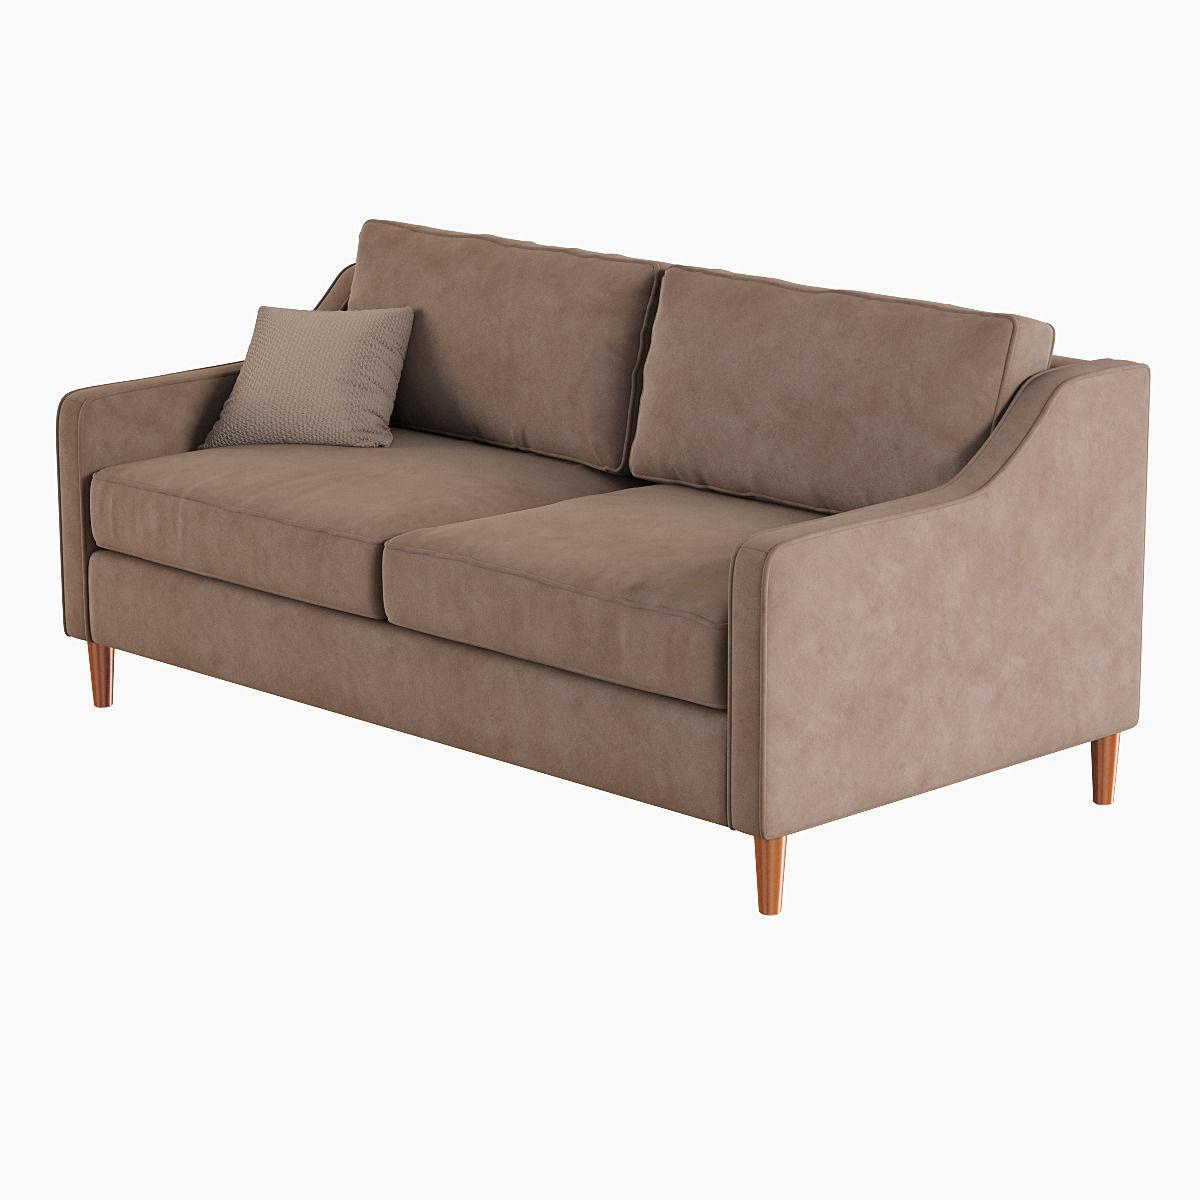 Sofa West Elm